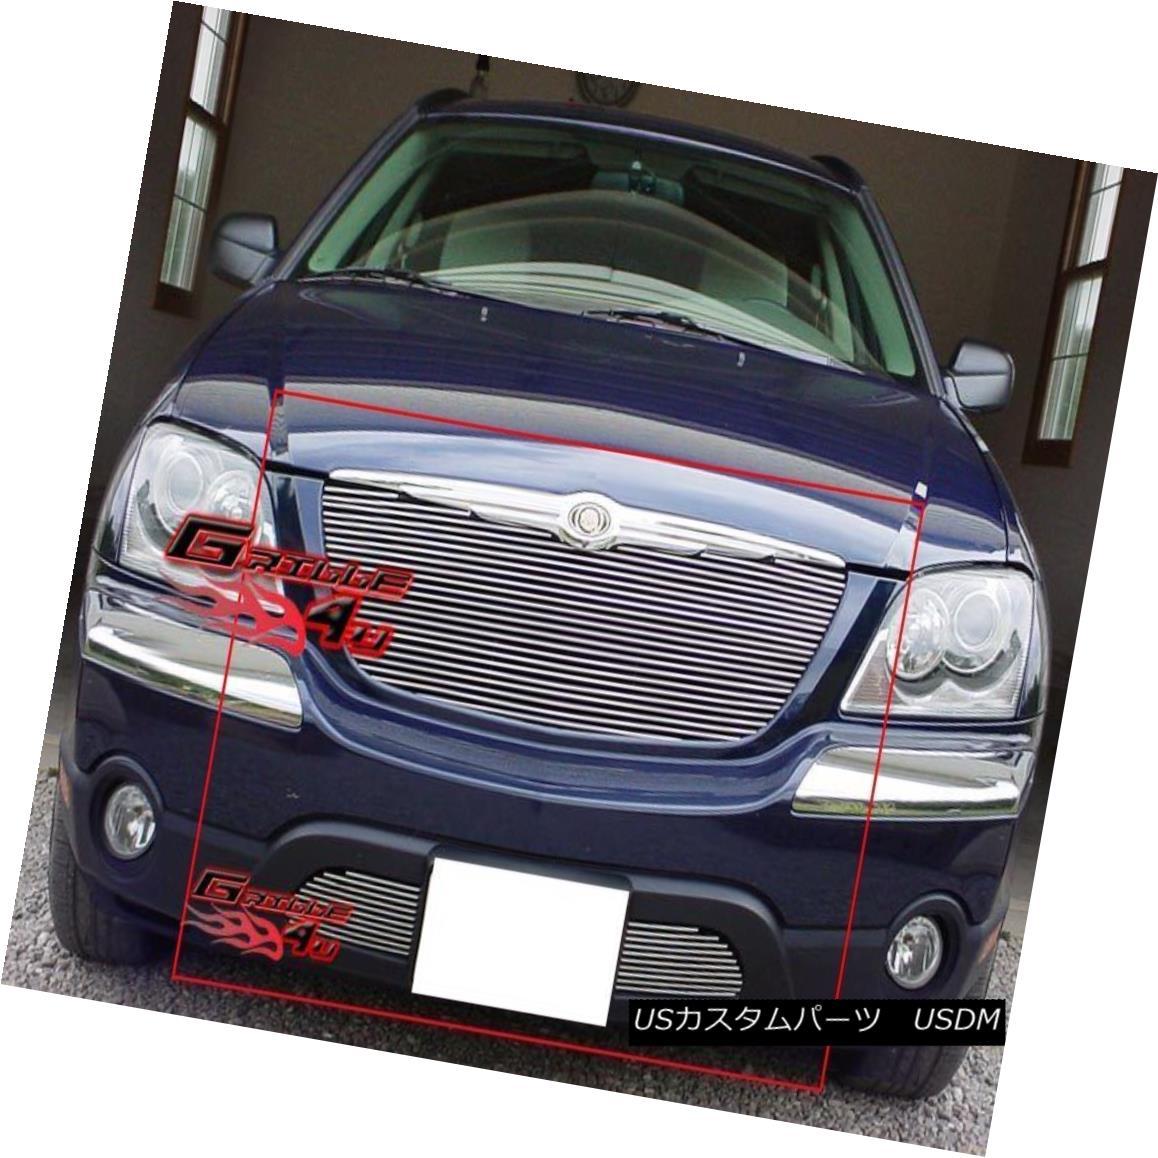 グリル For 04-06 Chrysler Pacifica Billet Grille Combo 04-06クライスラーパシフィカビレットグリルコンボ用